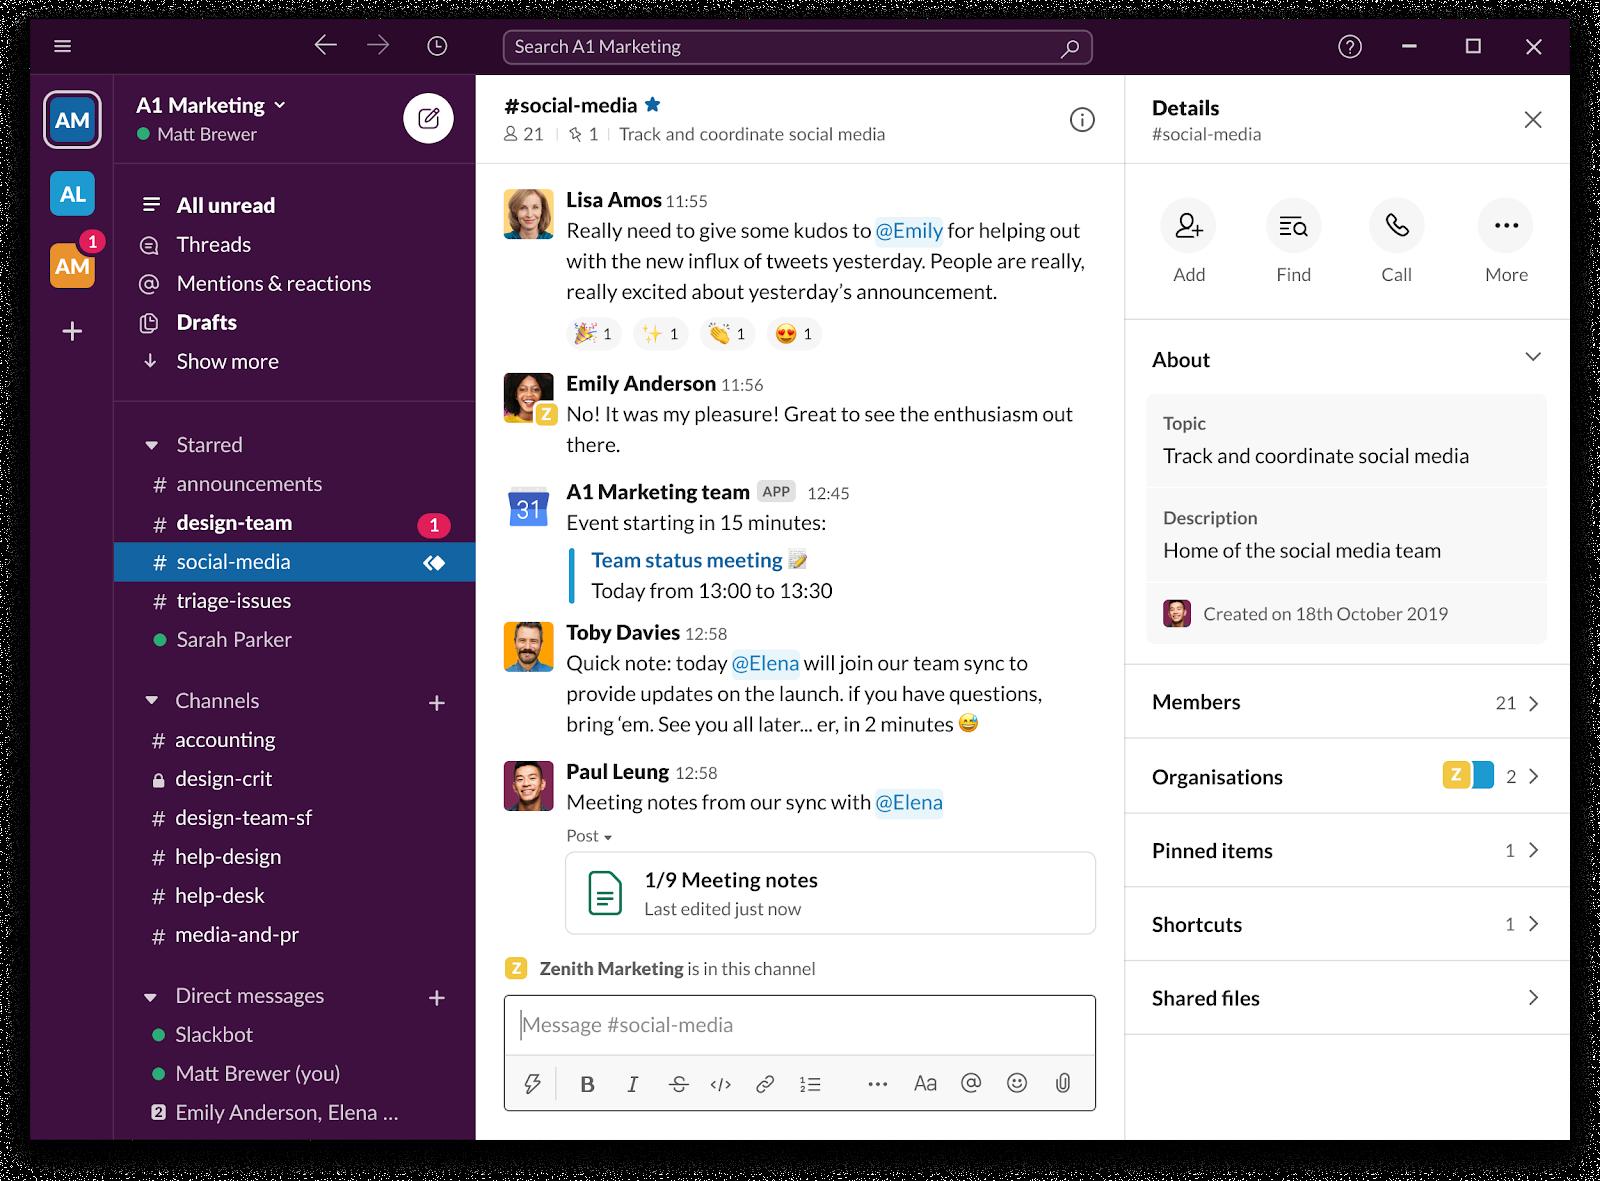 Screenshot of Slack instant messaging platform.